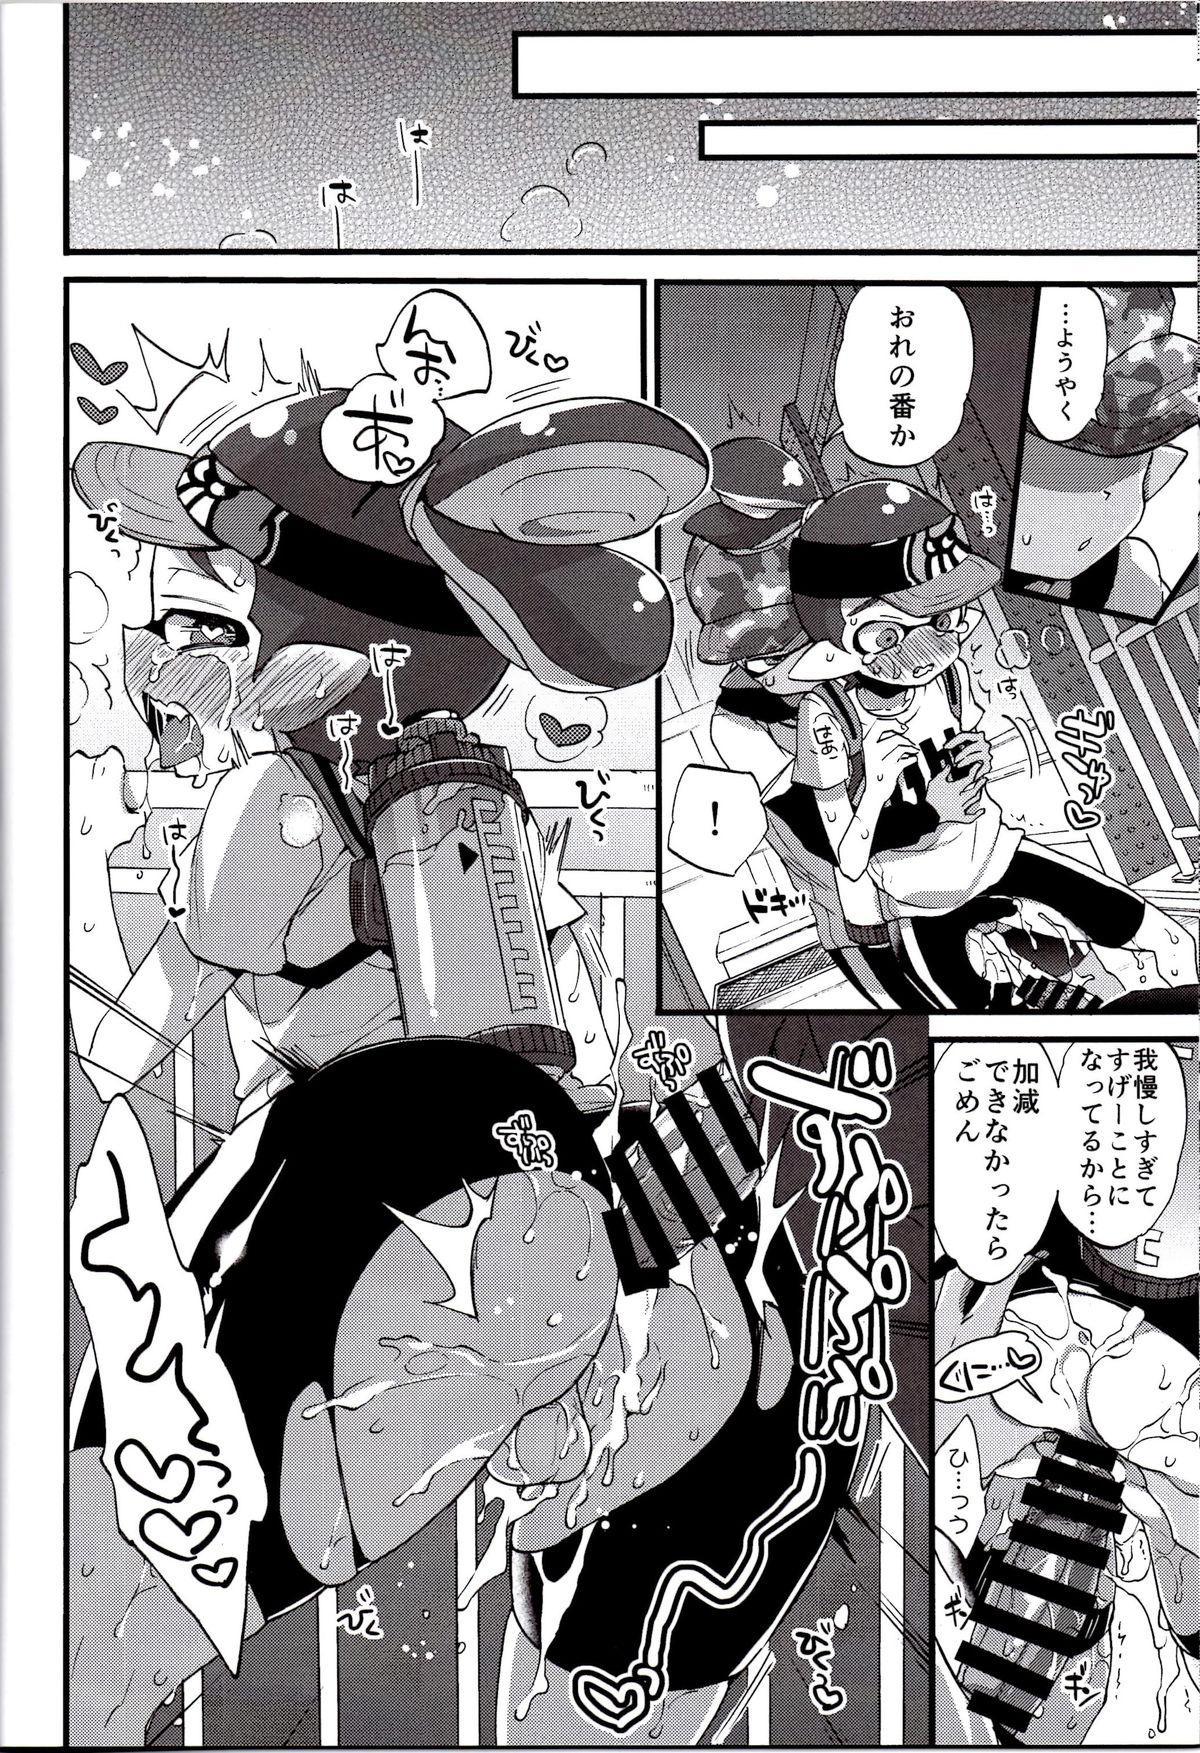 Buki no Seinou to Are no Seinou wa Onaji rashii 18